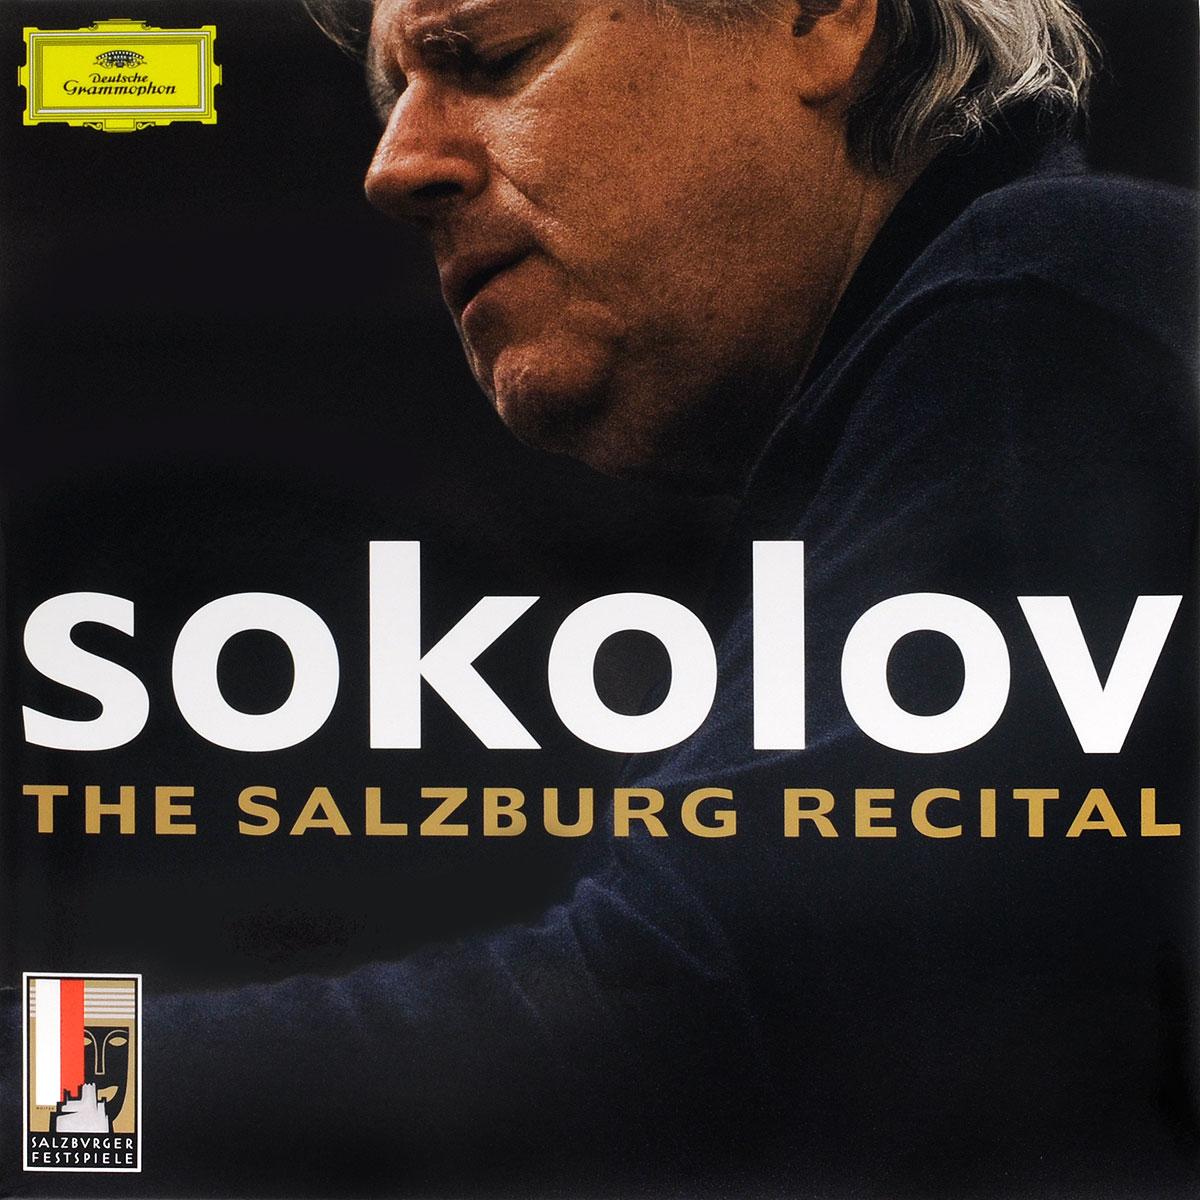 Григорий Соколов Grigory Sokolov. The Salzburg Recital (2 LP)